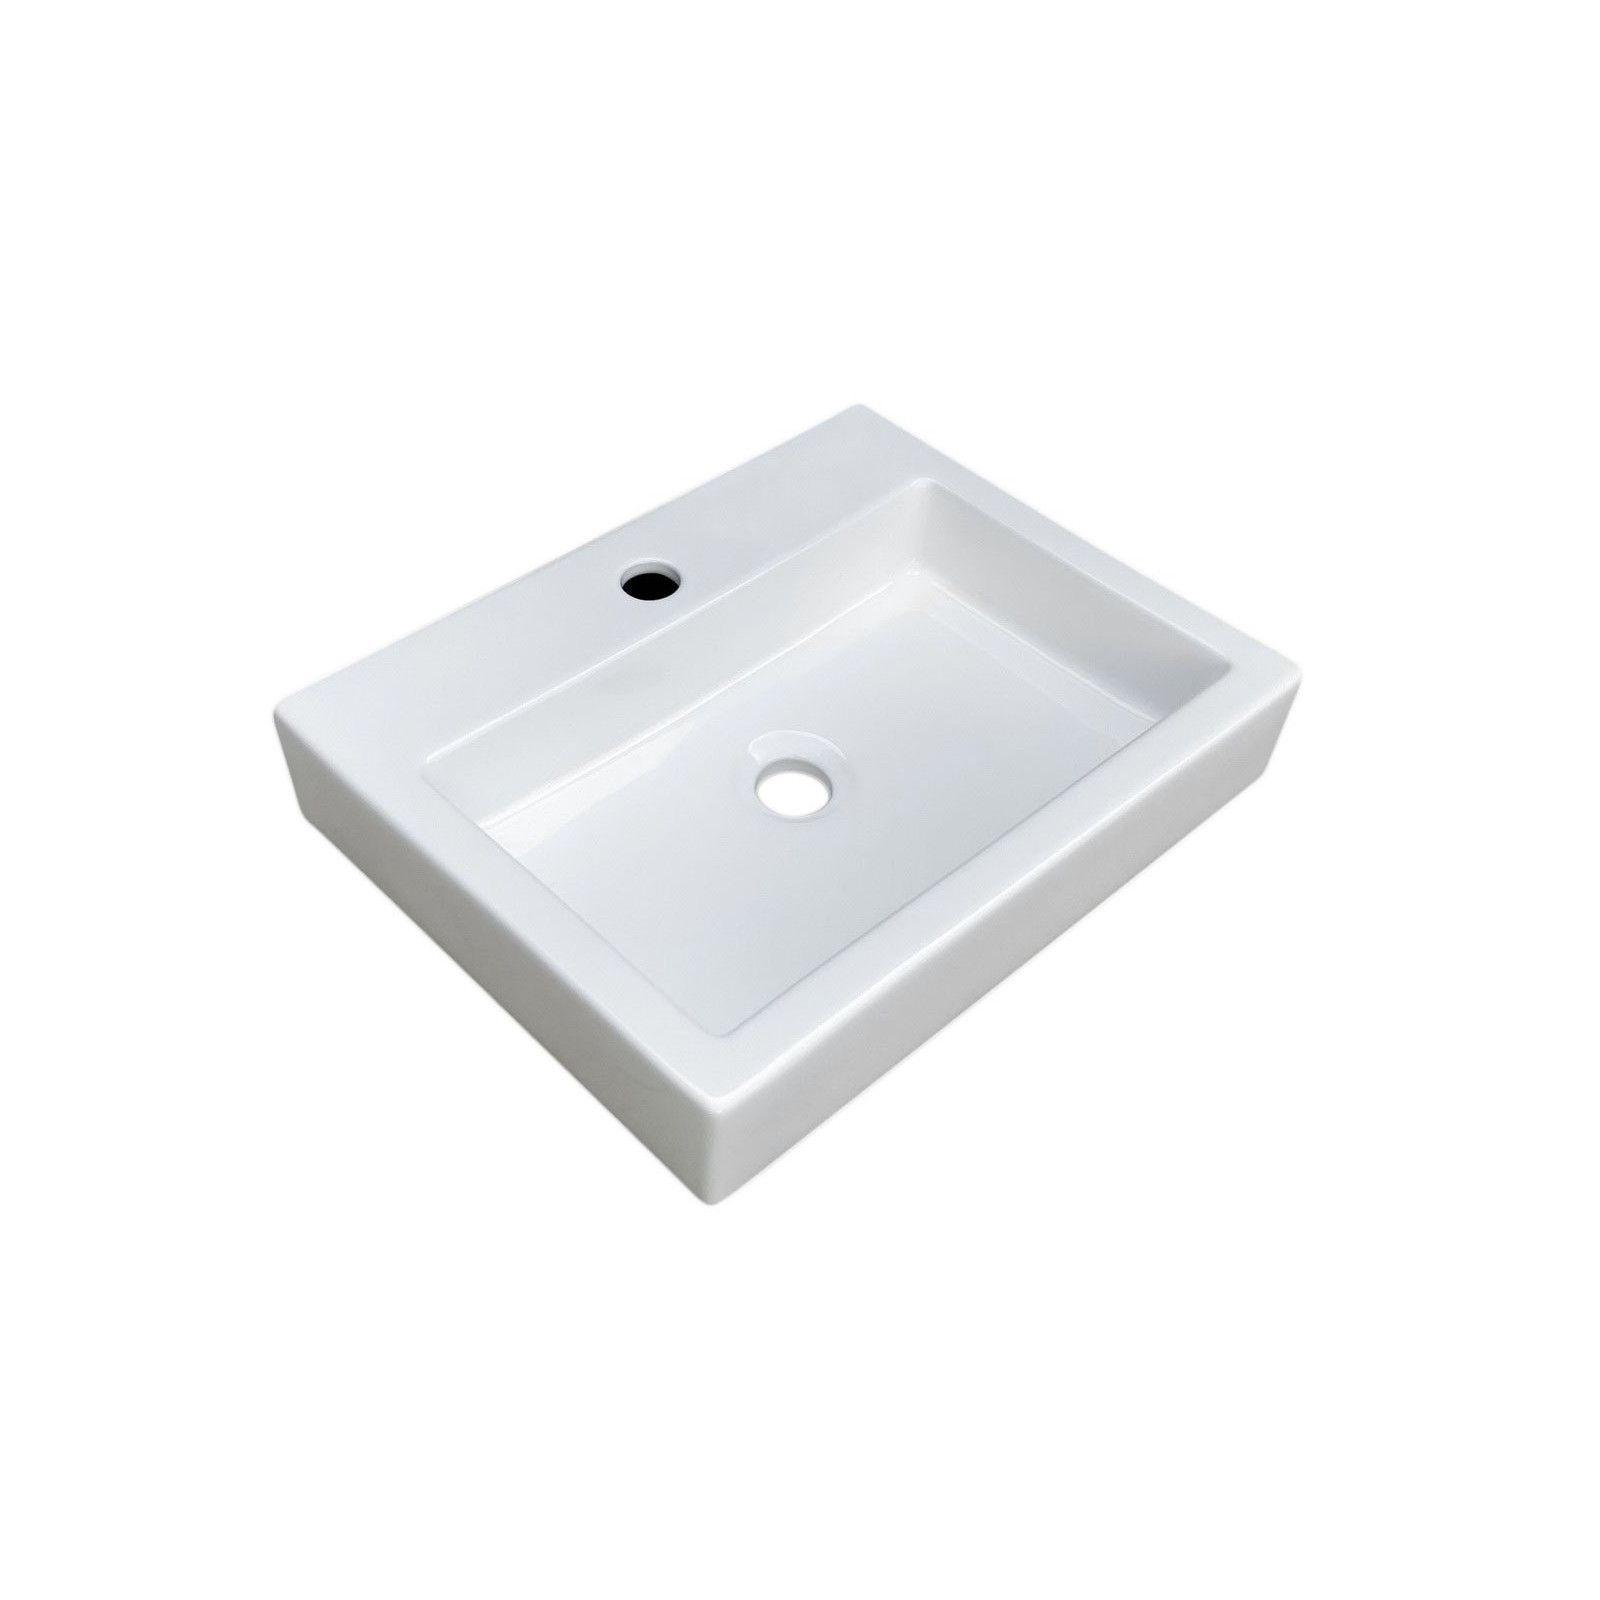 Lot de 2 vasques blanches à poser Céramique  L48 PADI